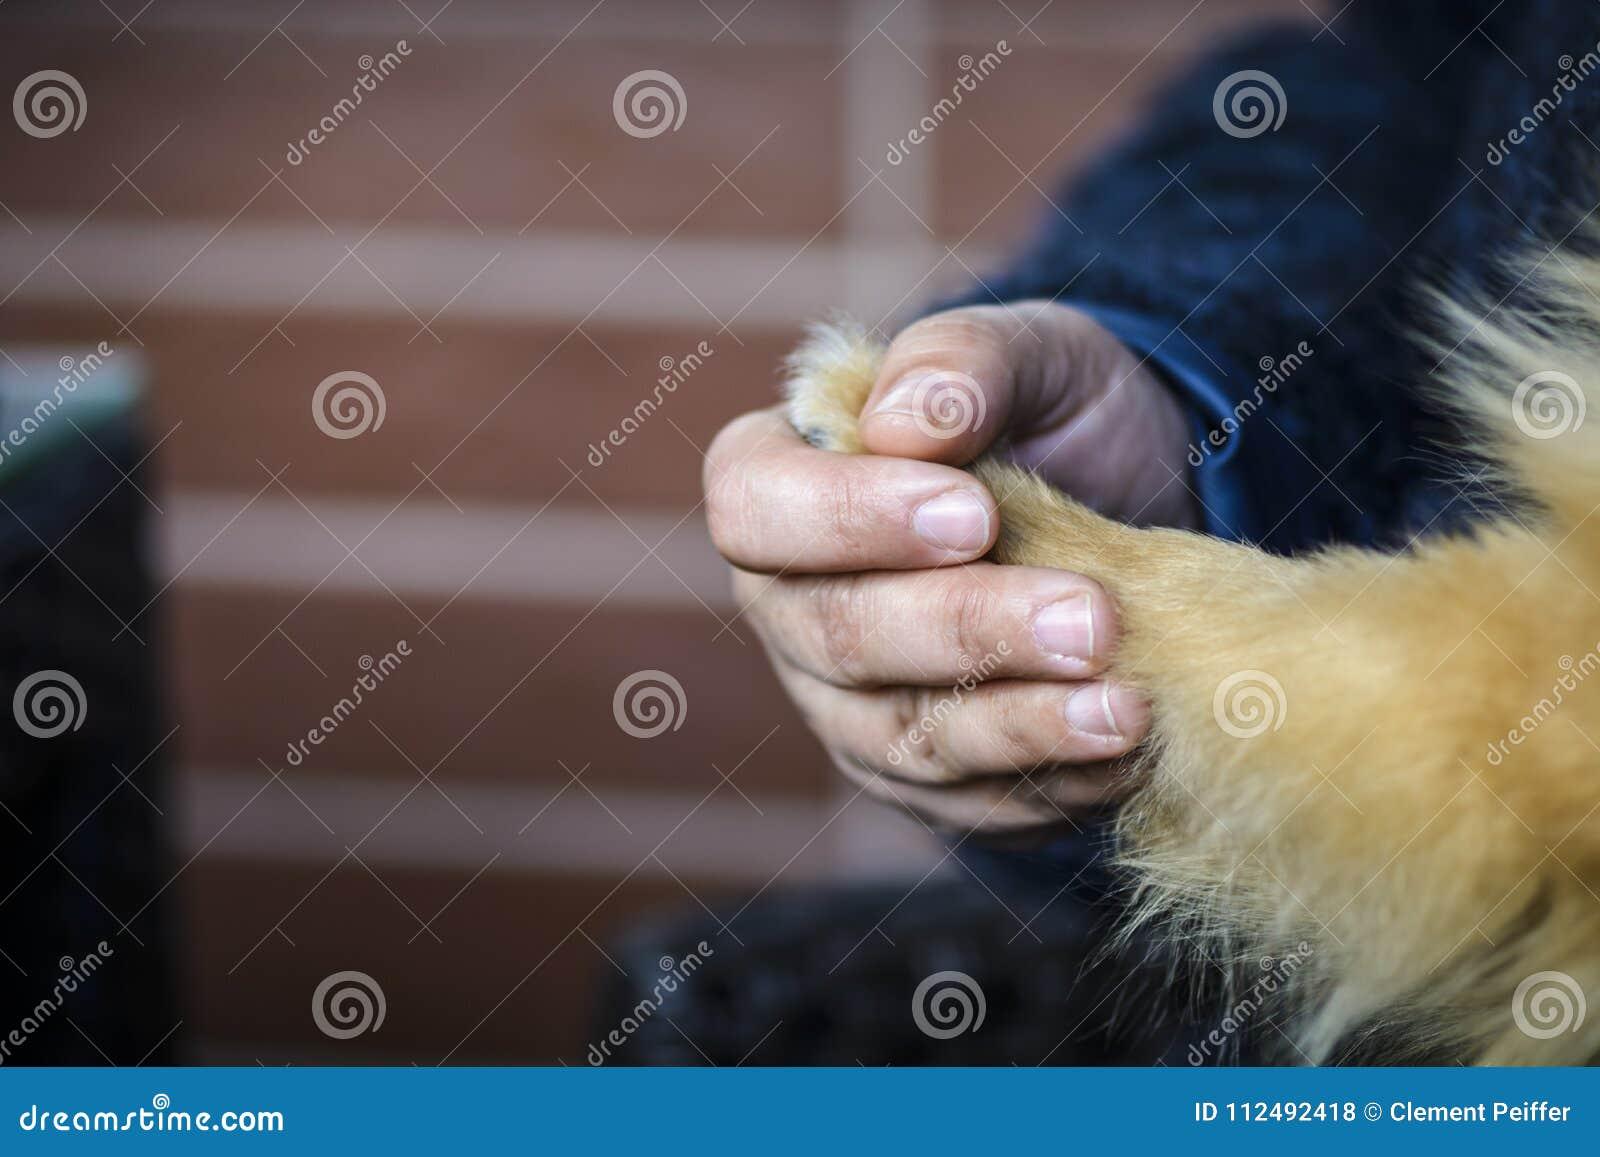 O cão e o ser humano estão guardando as mãos cutely